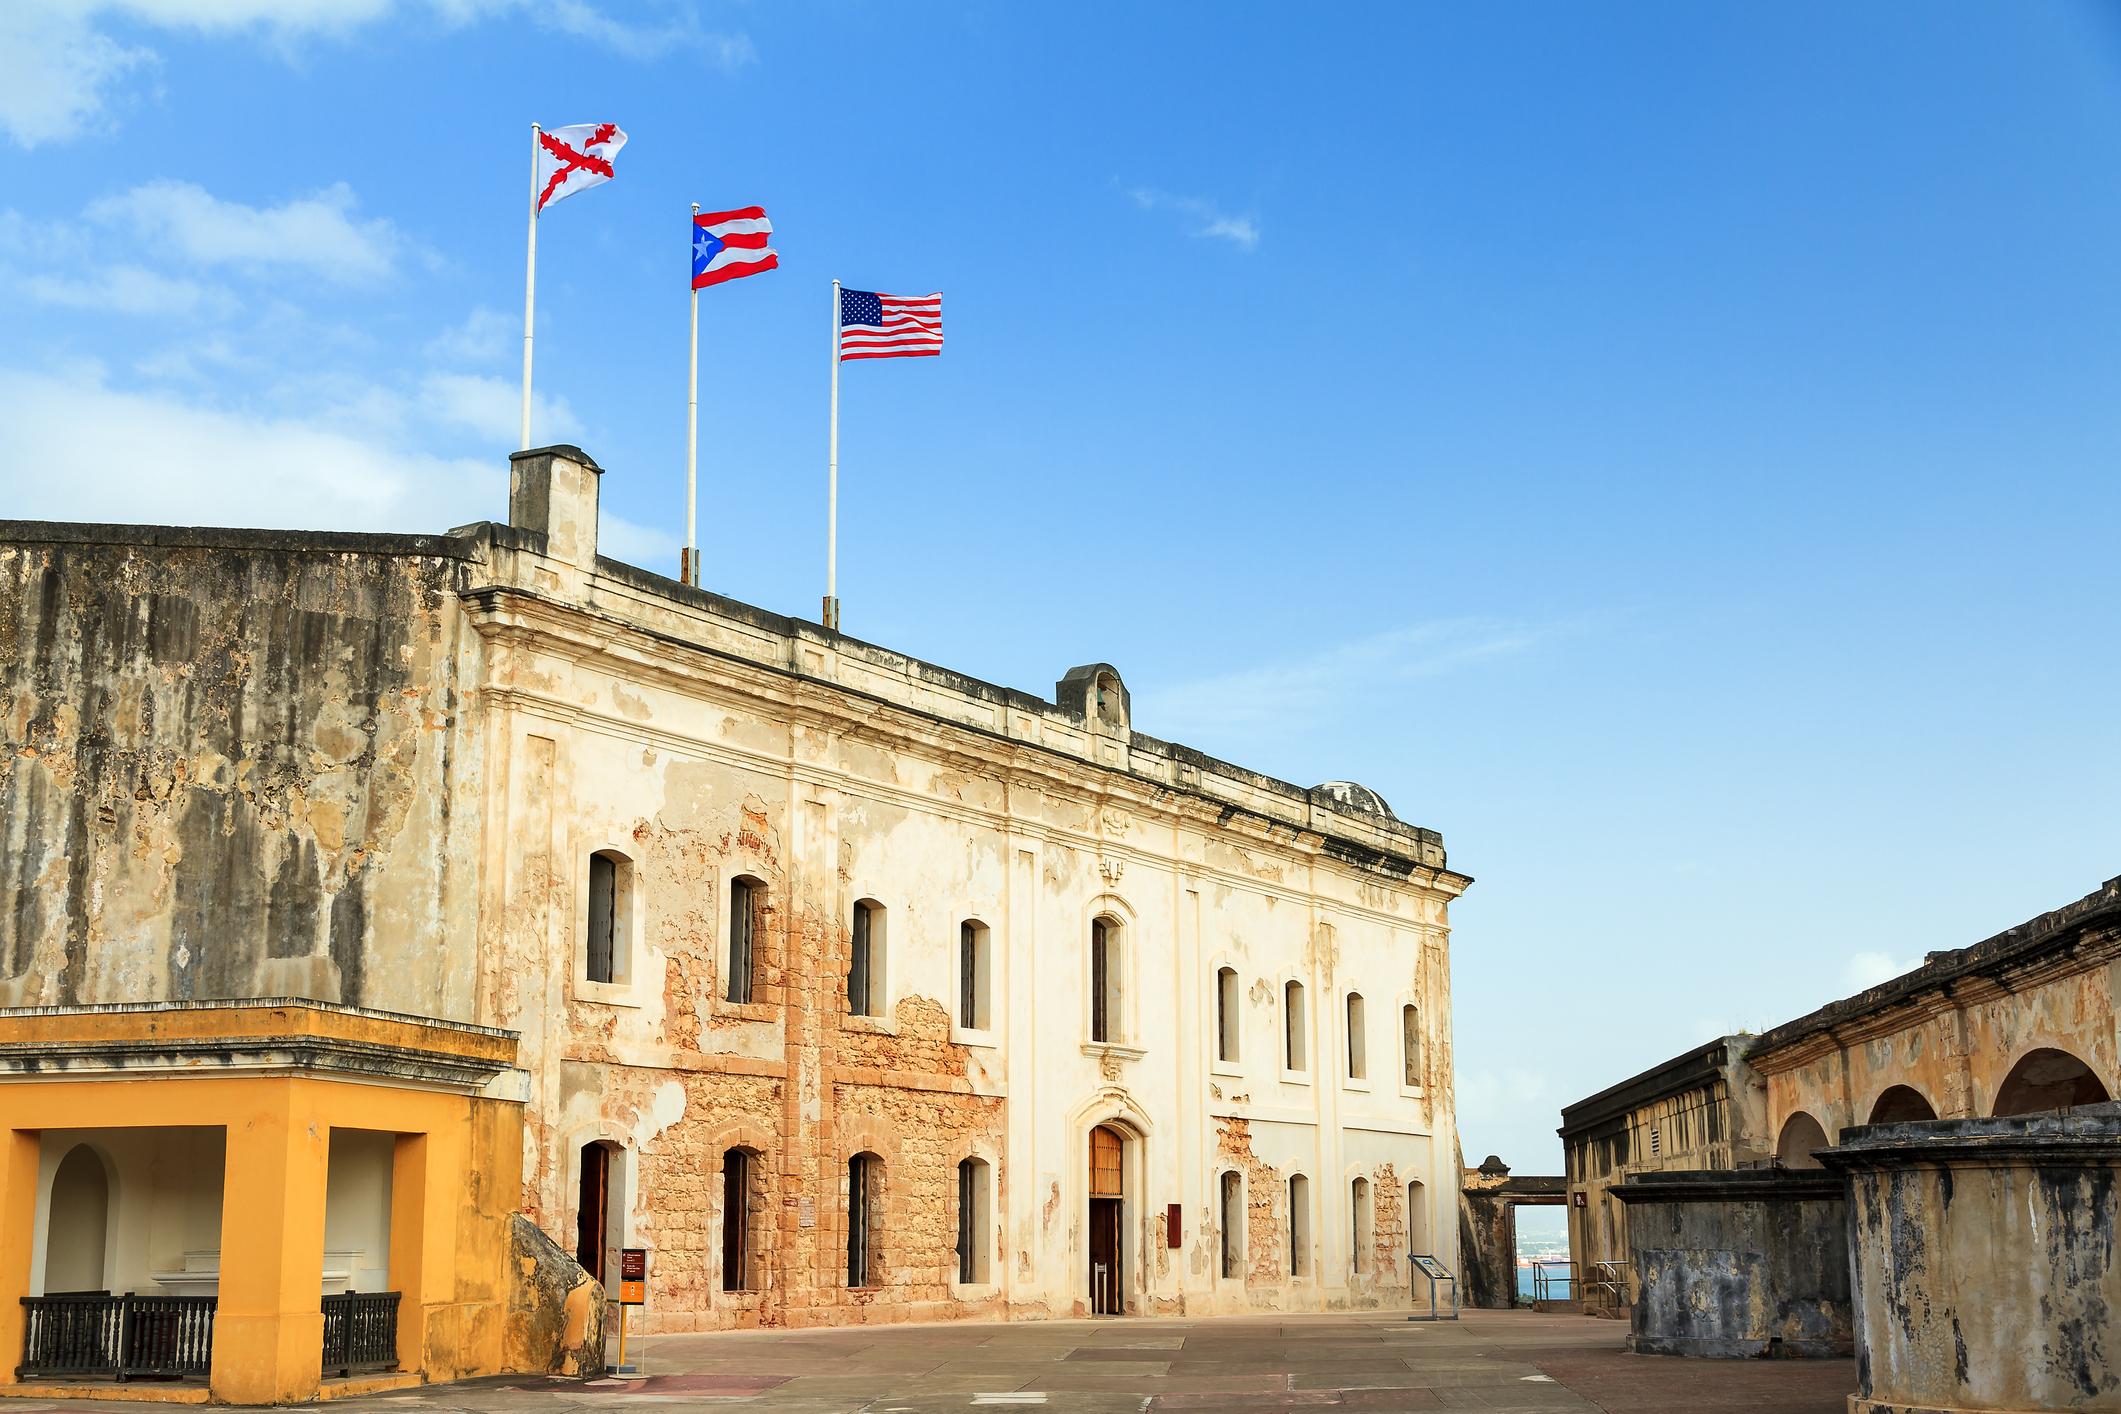 Beautiful view of fort San Cristobal in San Juan, Puerto Rico